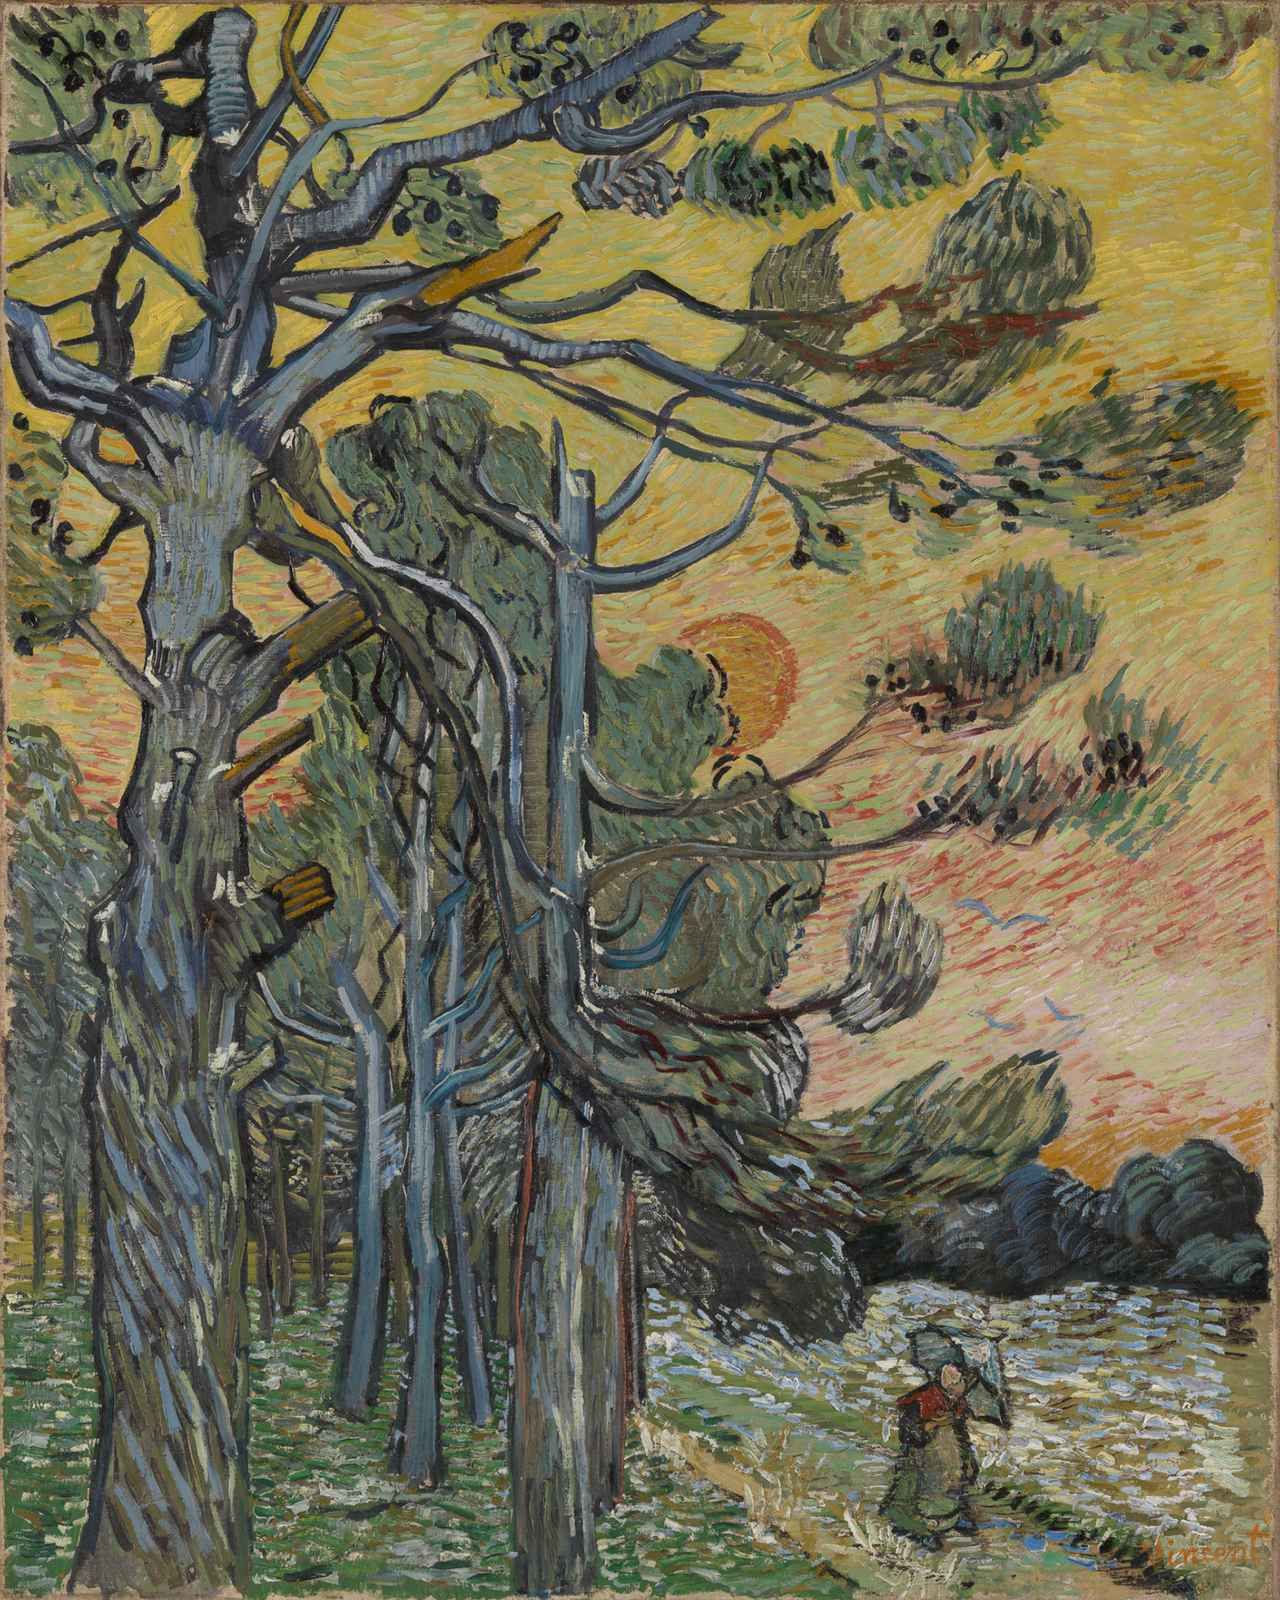 画像: フィンセント・ファン・ゴッホ《夕暮れの松の木》1889 年 12 月 油彩・カンヴァス クレラー= ミュラー美術館 © Collection Kröller-Müller Museum, Otterlo, The Netherlands